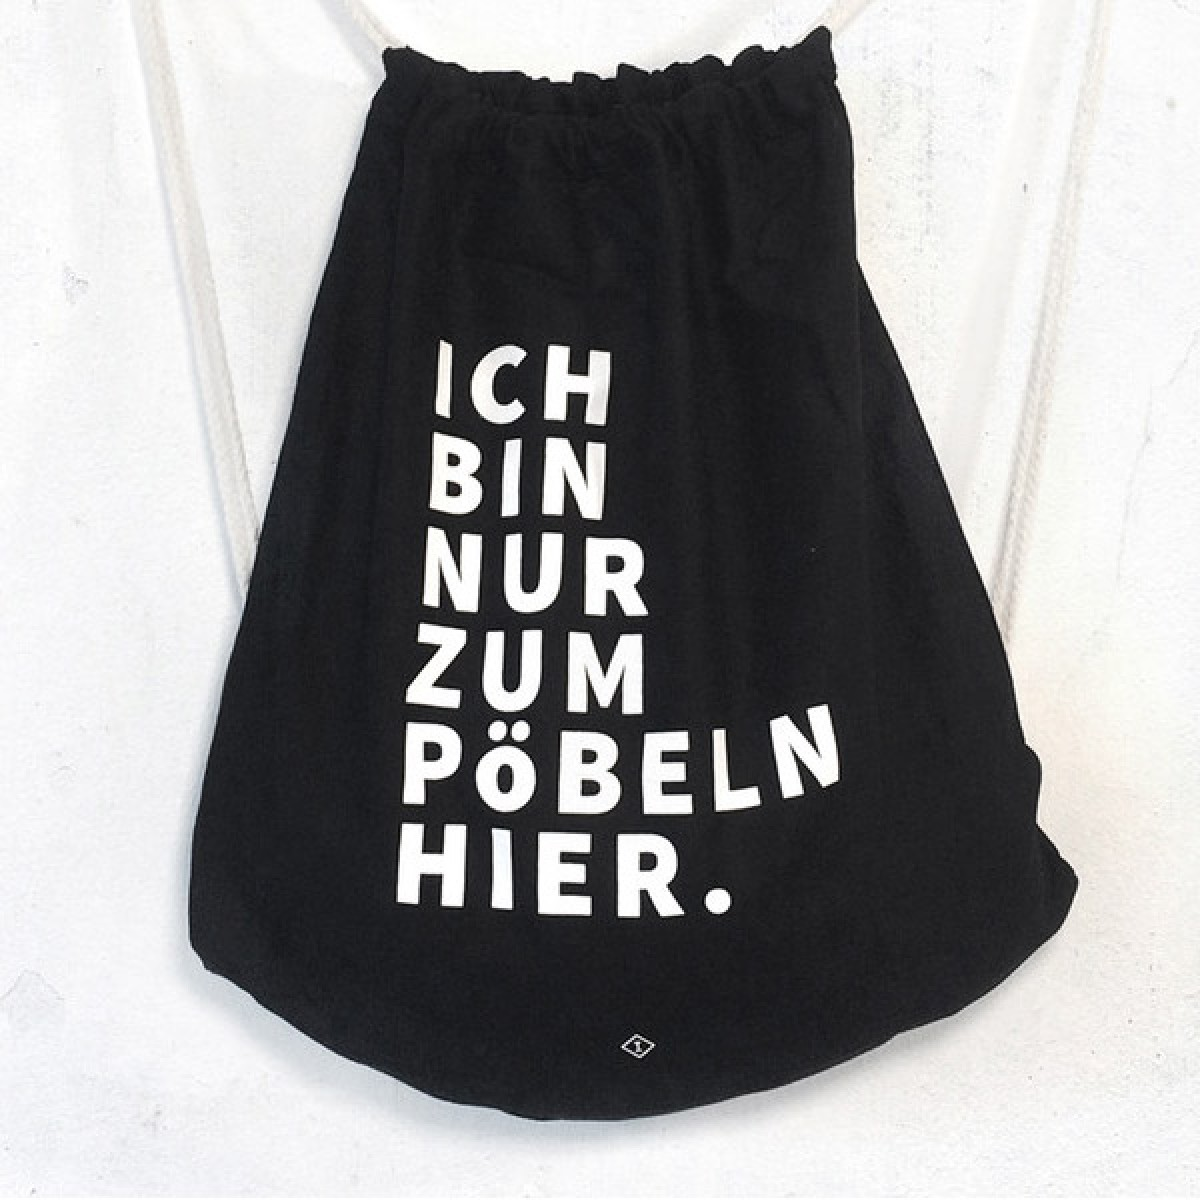 typealive / Rucksack Turnbeutel Pöbeln